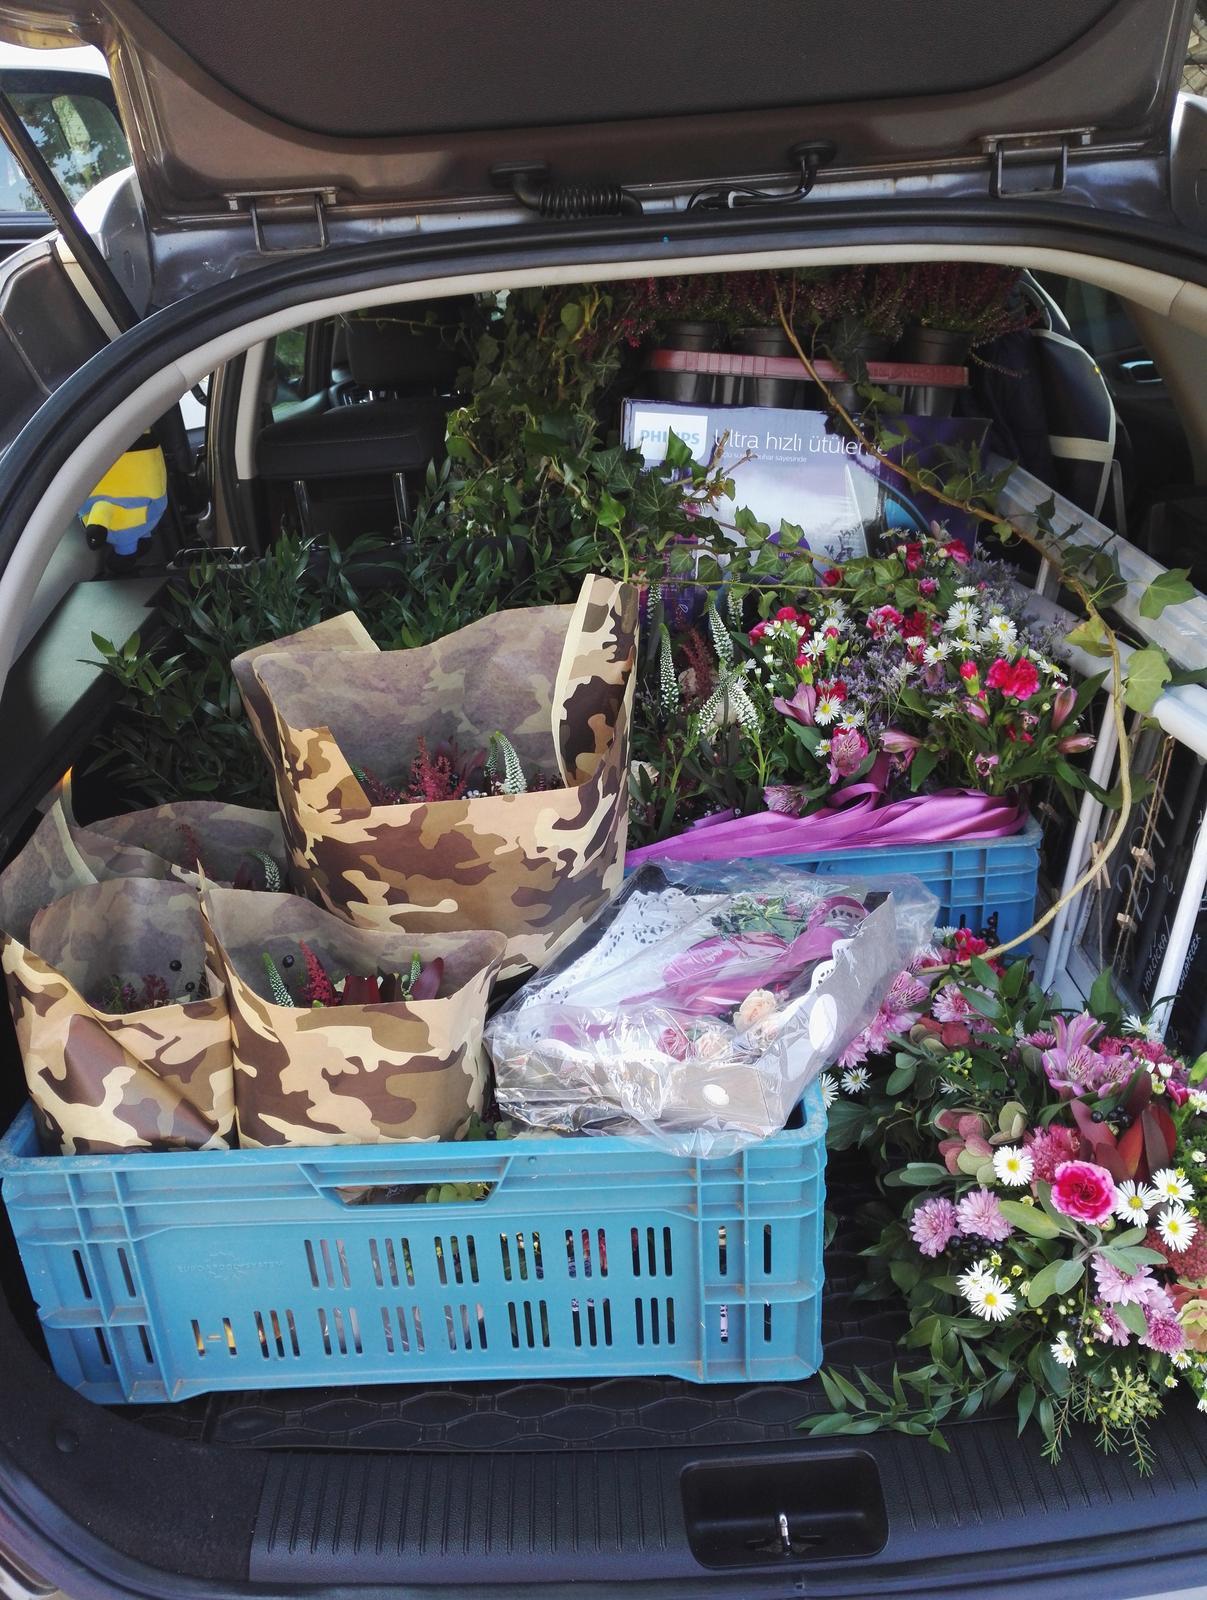 Kristina Pôbišová{{_AND_}}Viktor Vinklárek - paní floristka nás opravdu vybavila...plný auto a na kufru jsem seděla :D